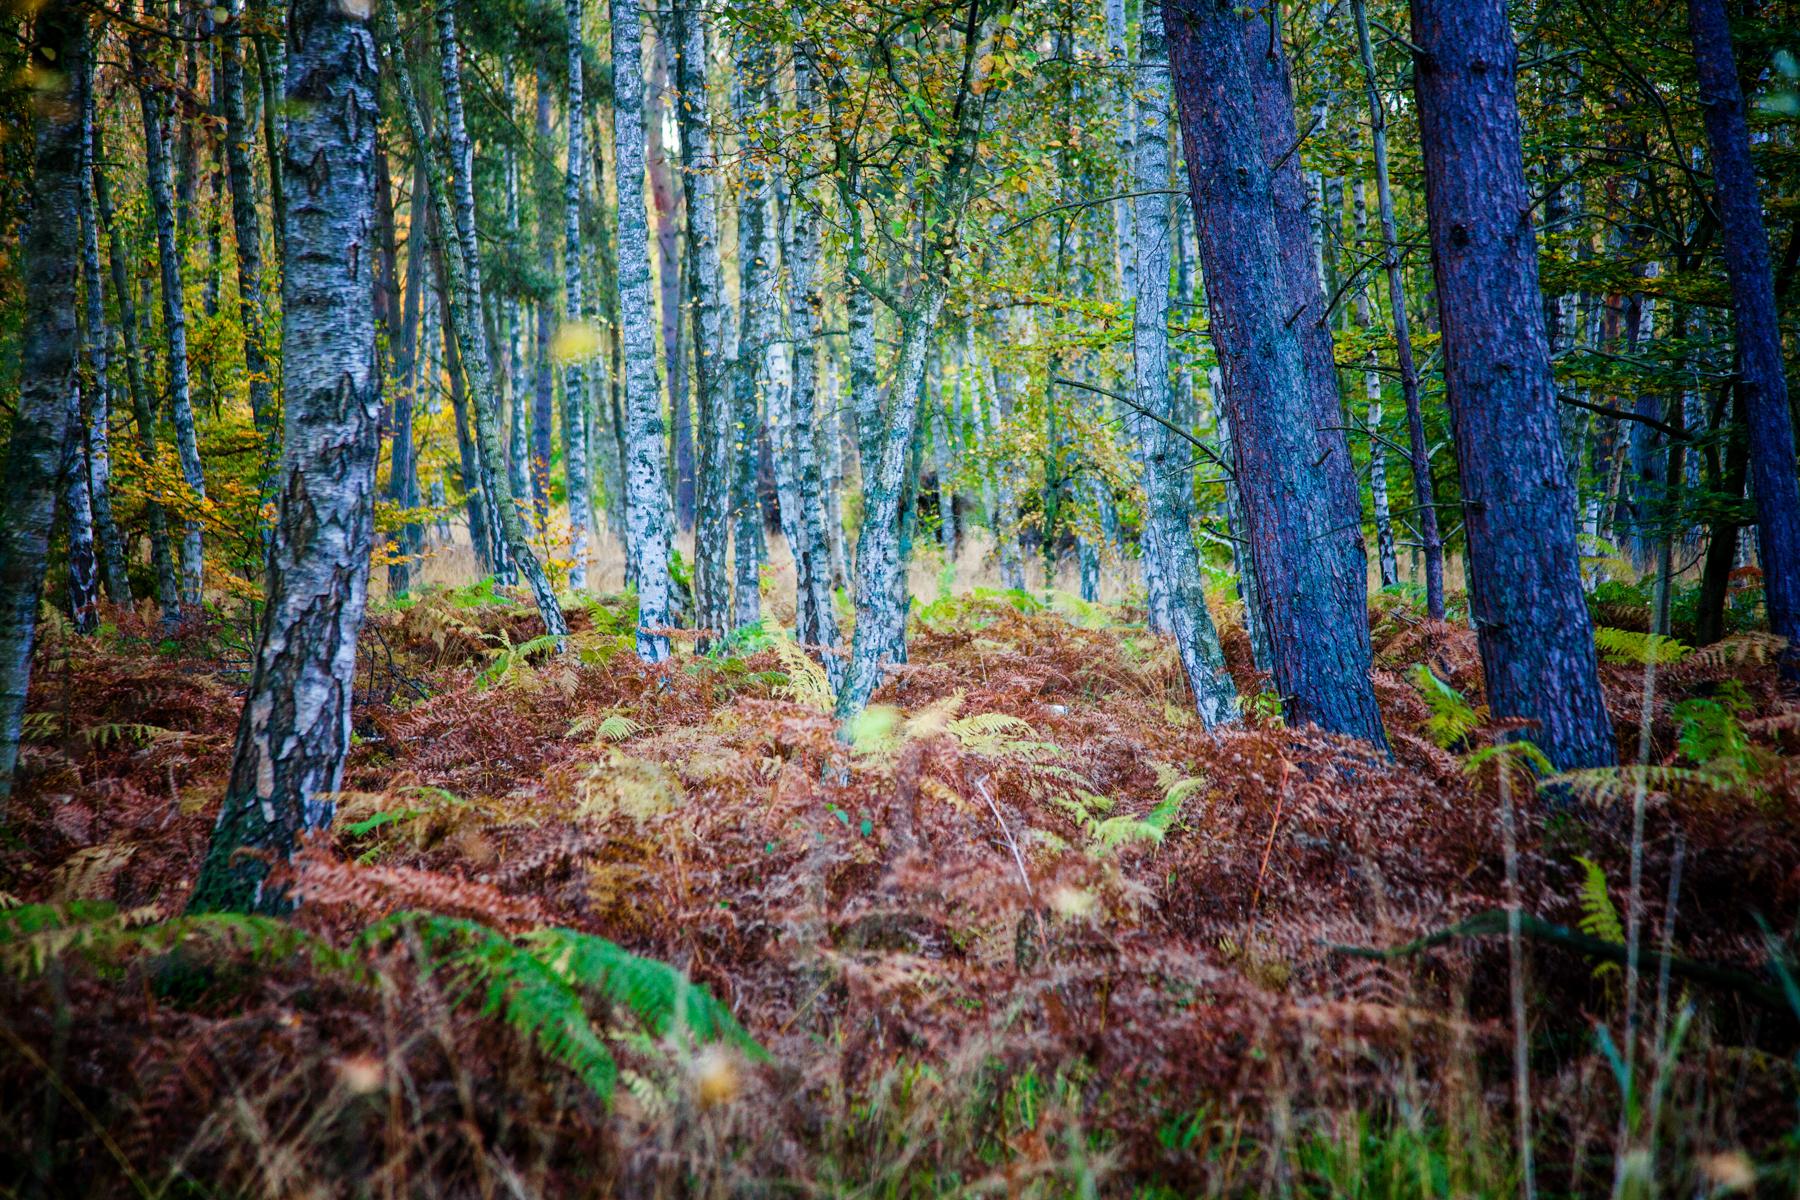 Bilder vom Wald